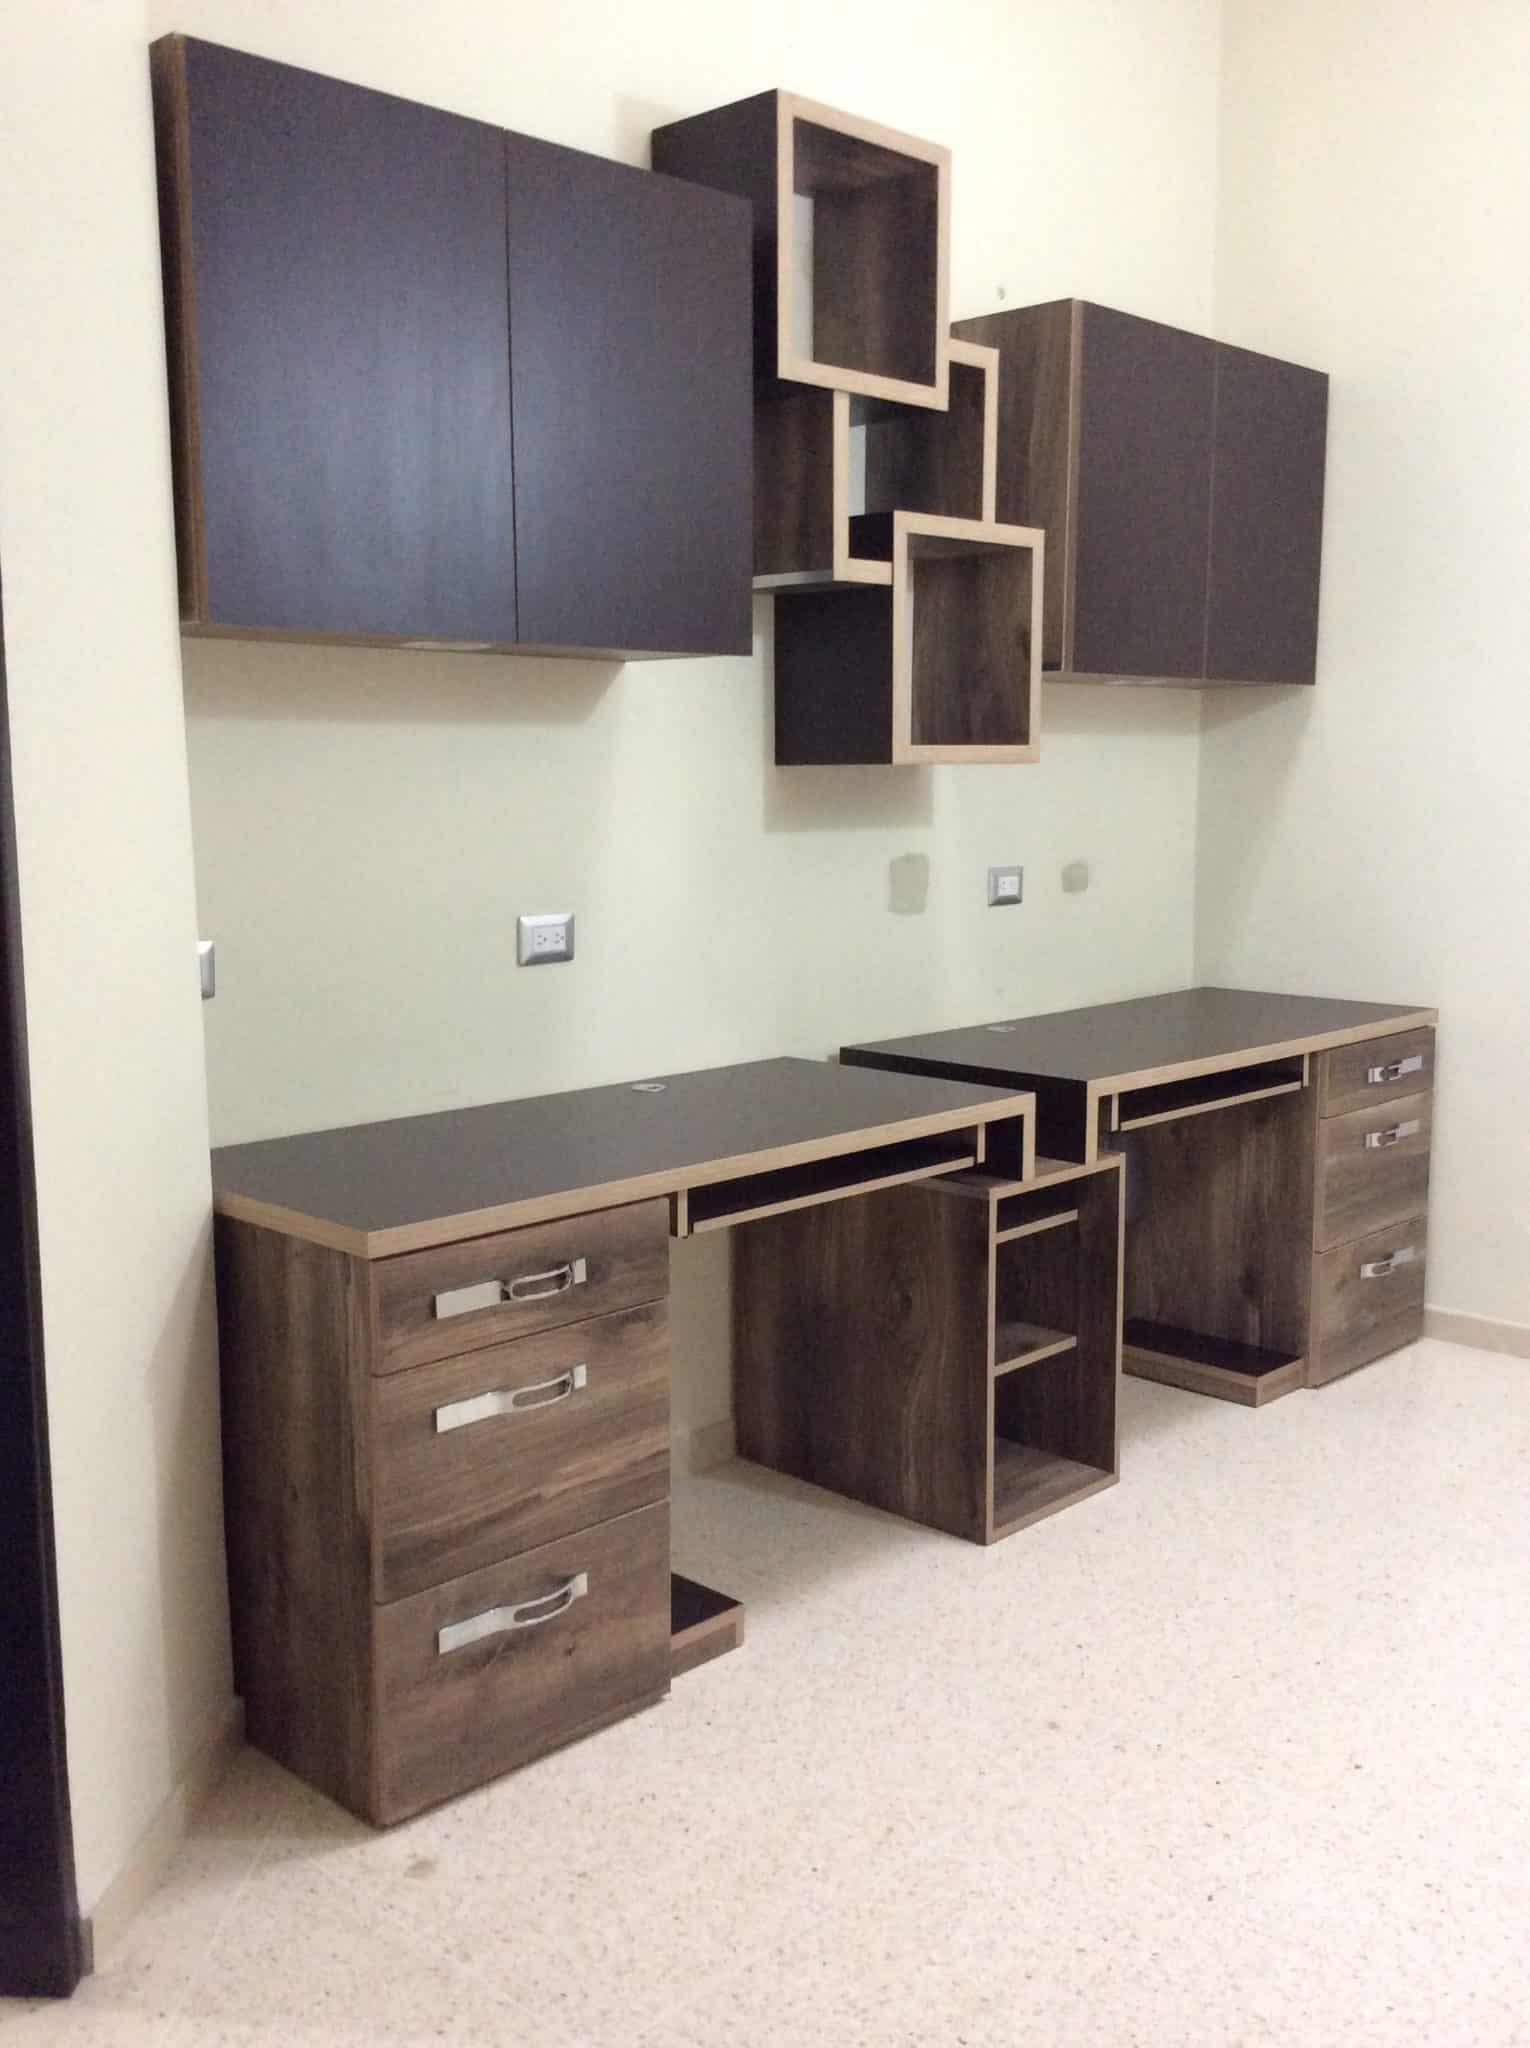 Proyecto Mueble Funcional Diseño De Mobiliario A Medida: Diseña Tu Mueble, Personaliza Y Fabrica Muebles En Bogotá